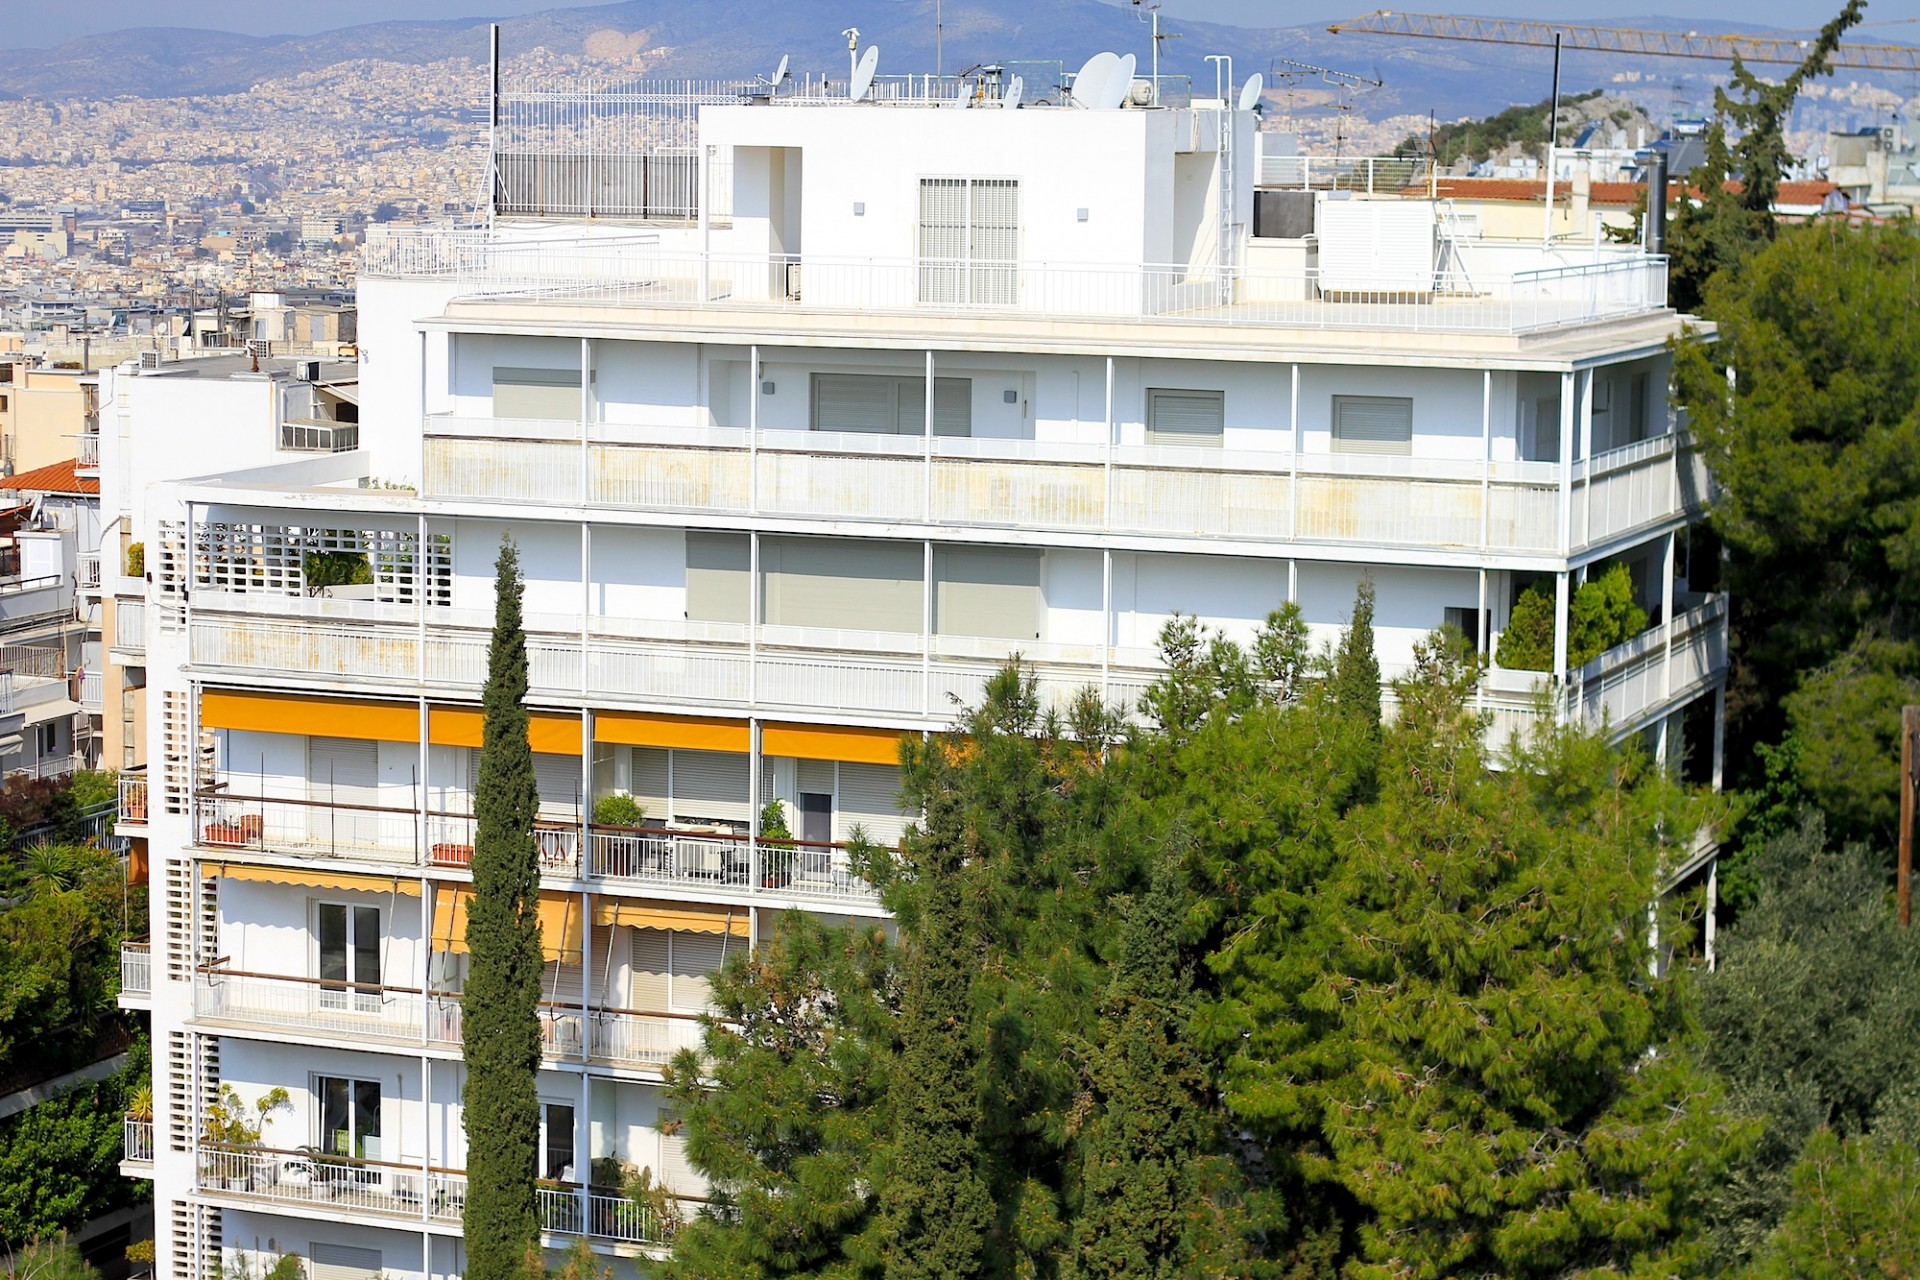 Wohnlich.  Kolonaki ist ein Schauraum der Apartment-Architektur Athens der Epoche zwischen 1920 bis 1940.